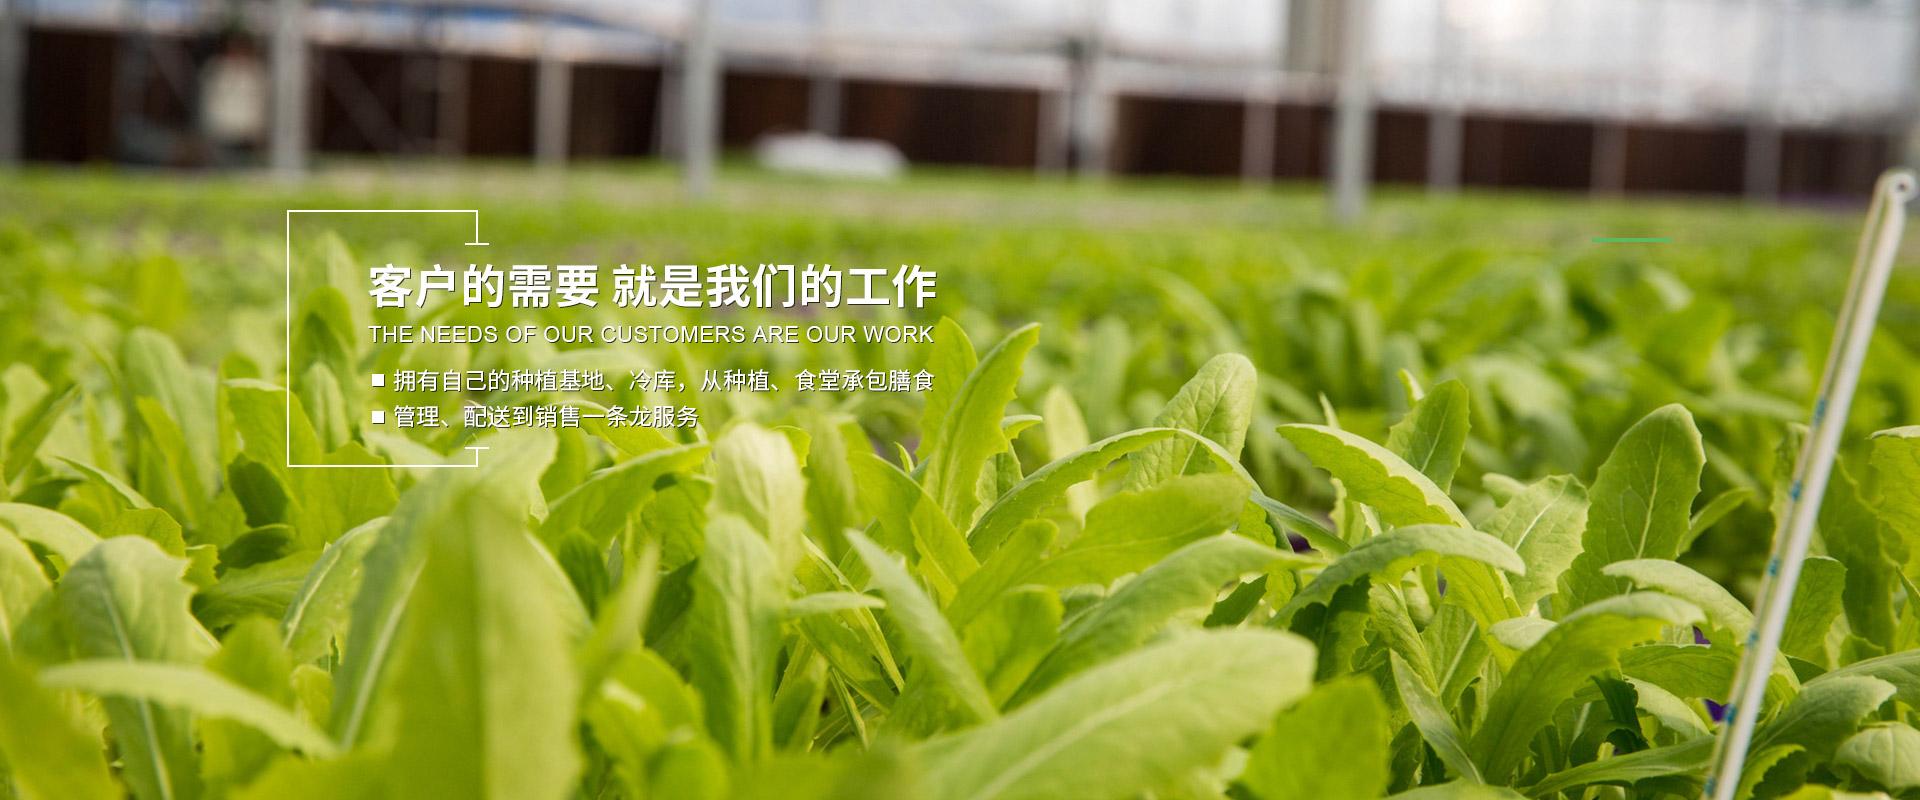 上海勇沪农产品配送有限公司,农产品配送